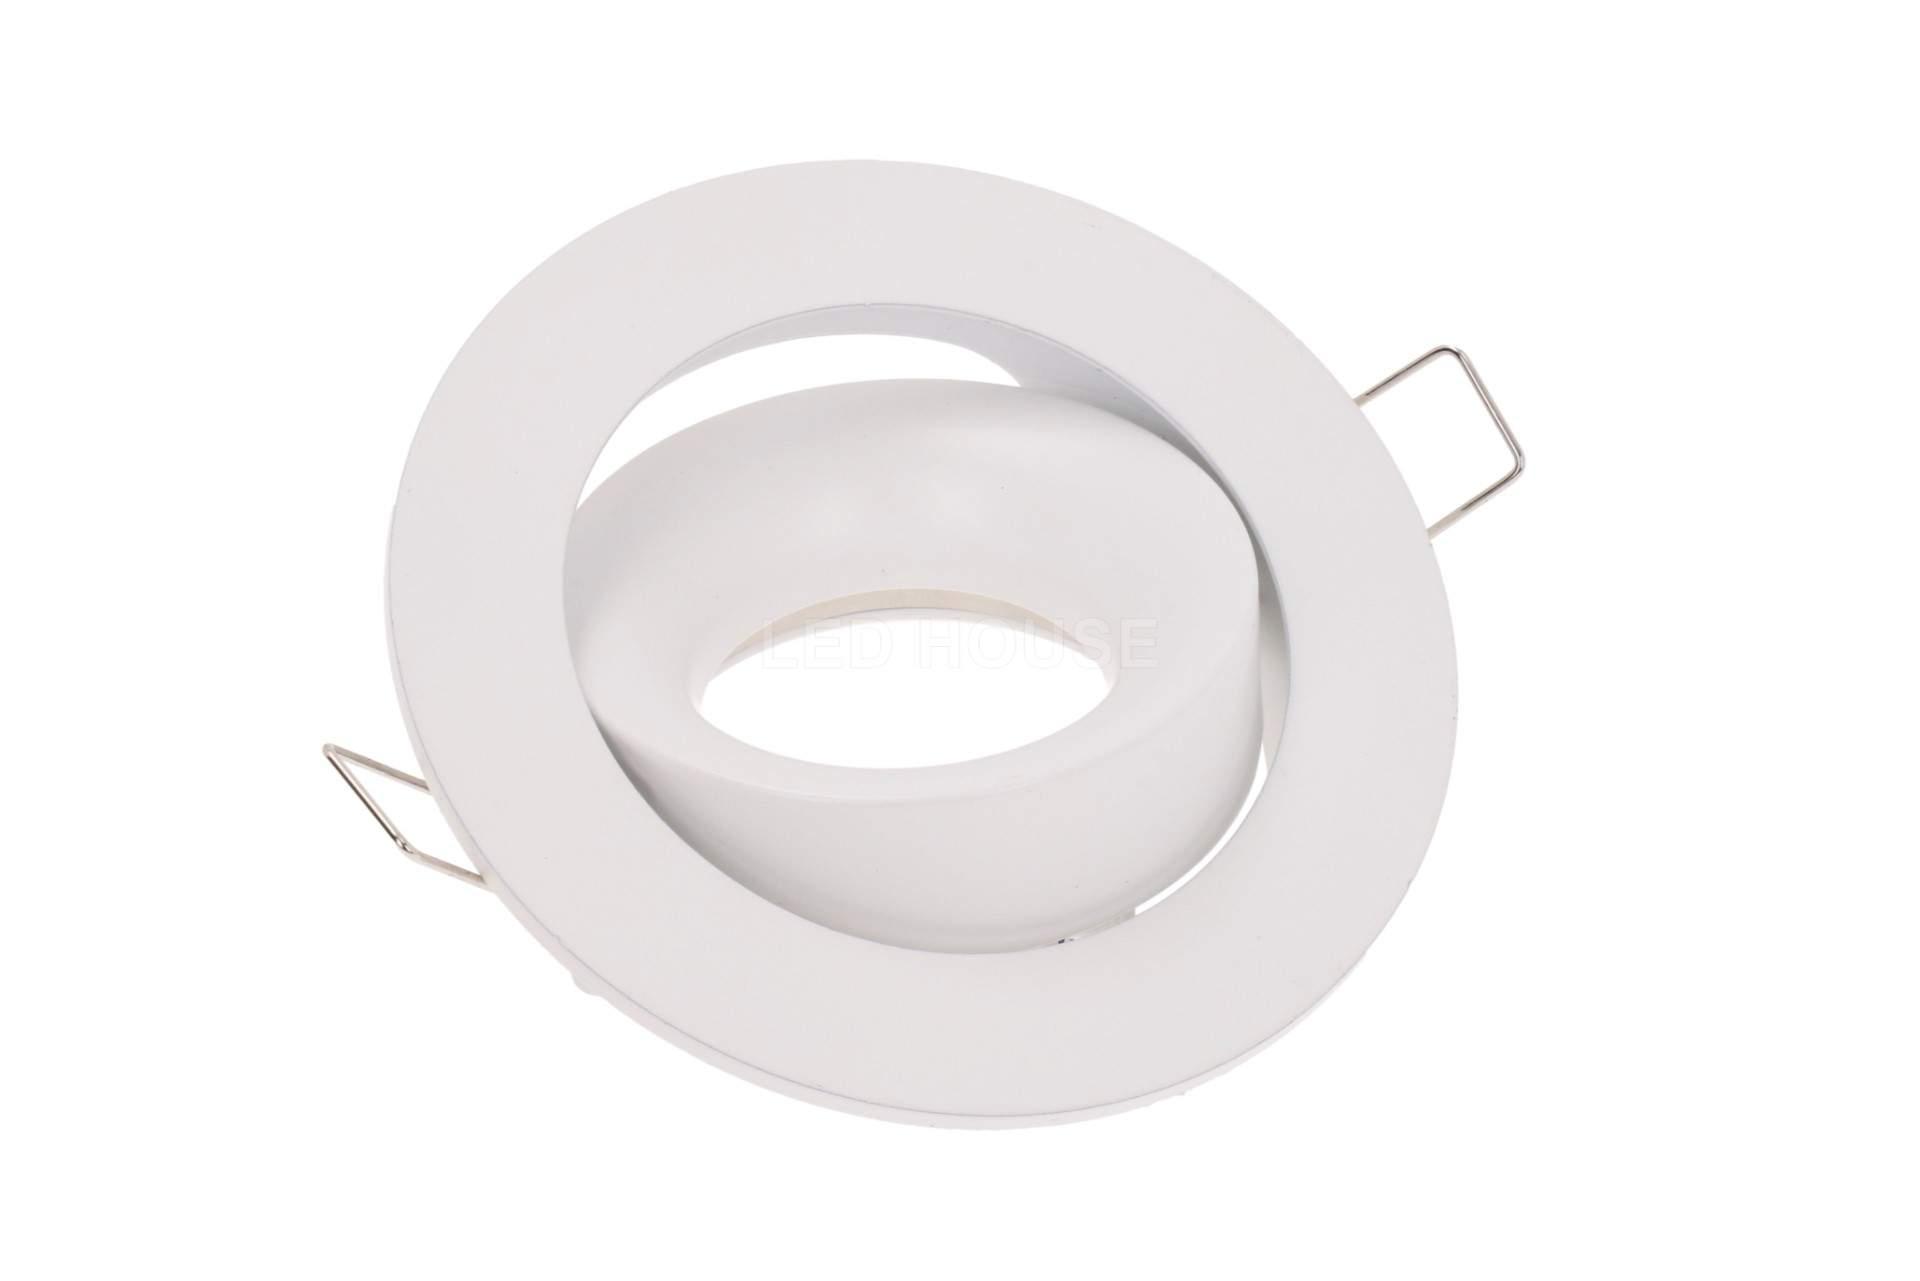 Рамка светильника Рамка светильника  BCR 1 белый круглый